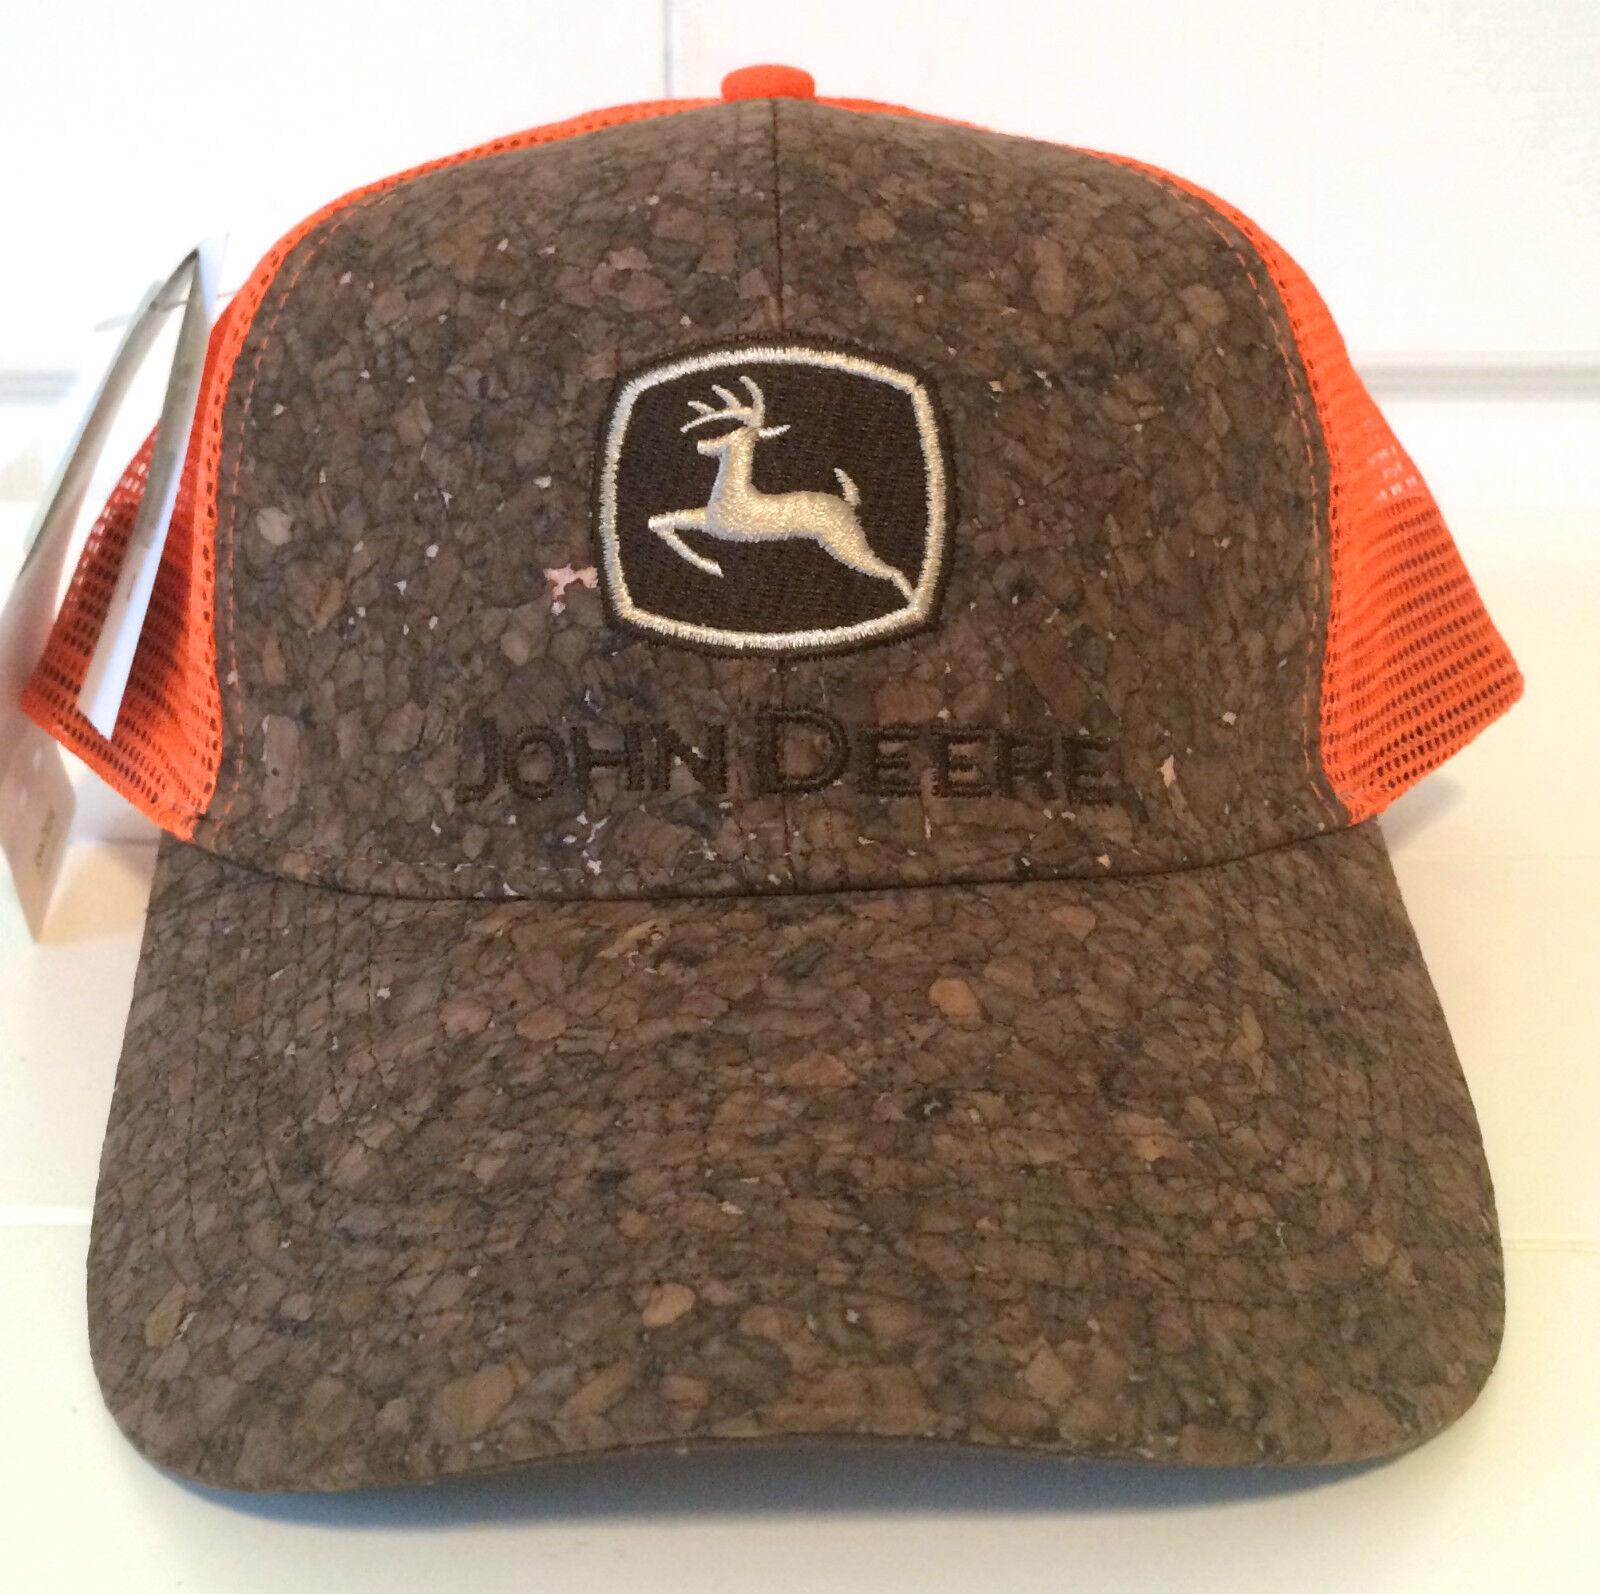 75087d15 ... buy john deere orange wood front orange deere mesh hat cap snapback  deere season 0fee25 ddcd1